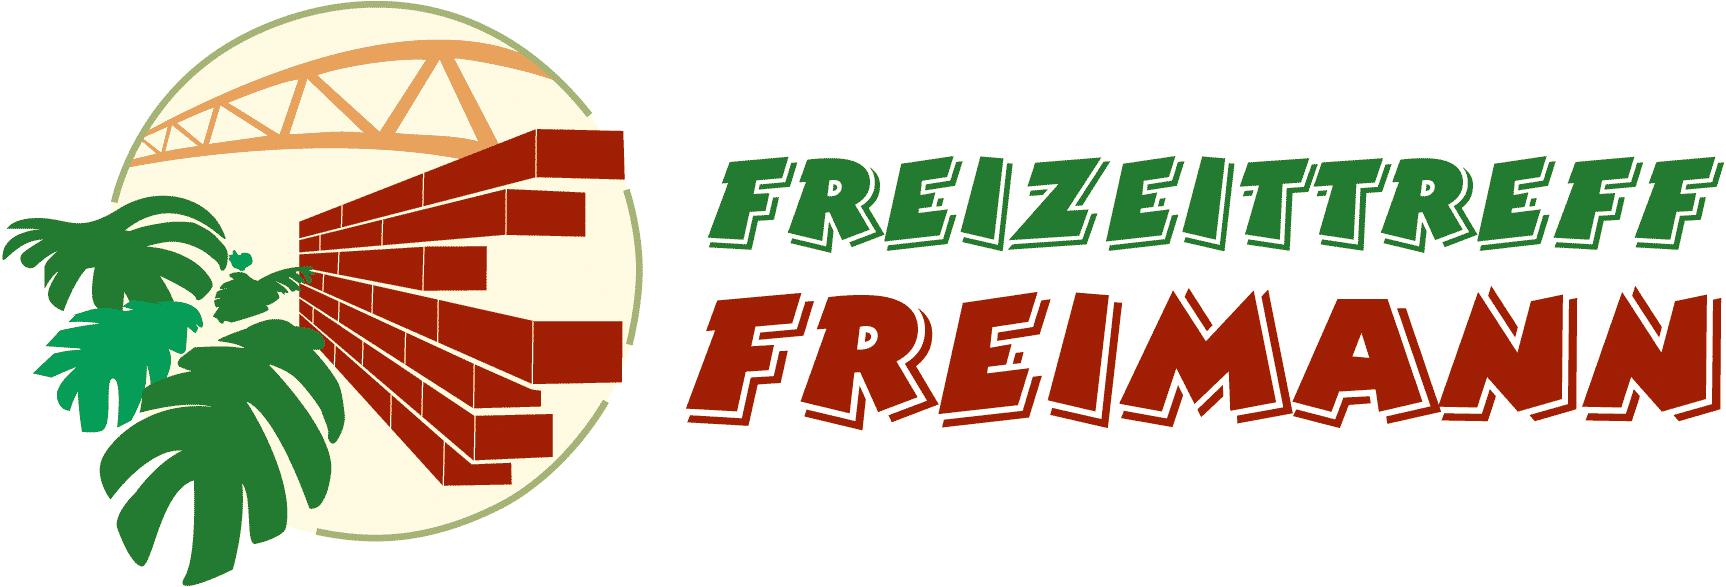 Freizeittreff Freimann